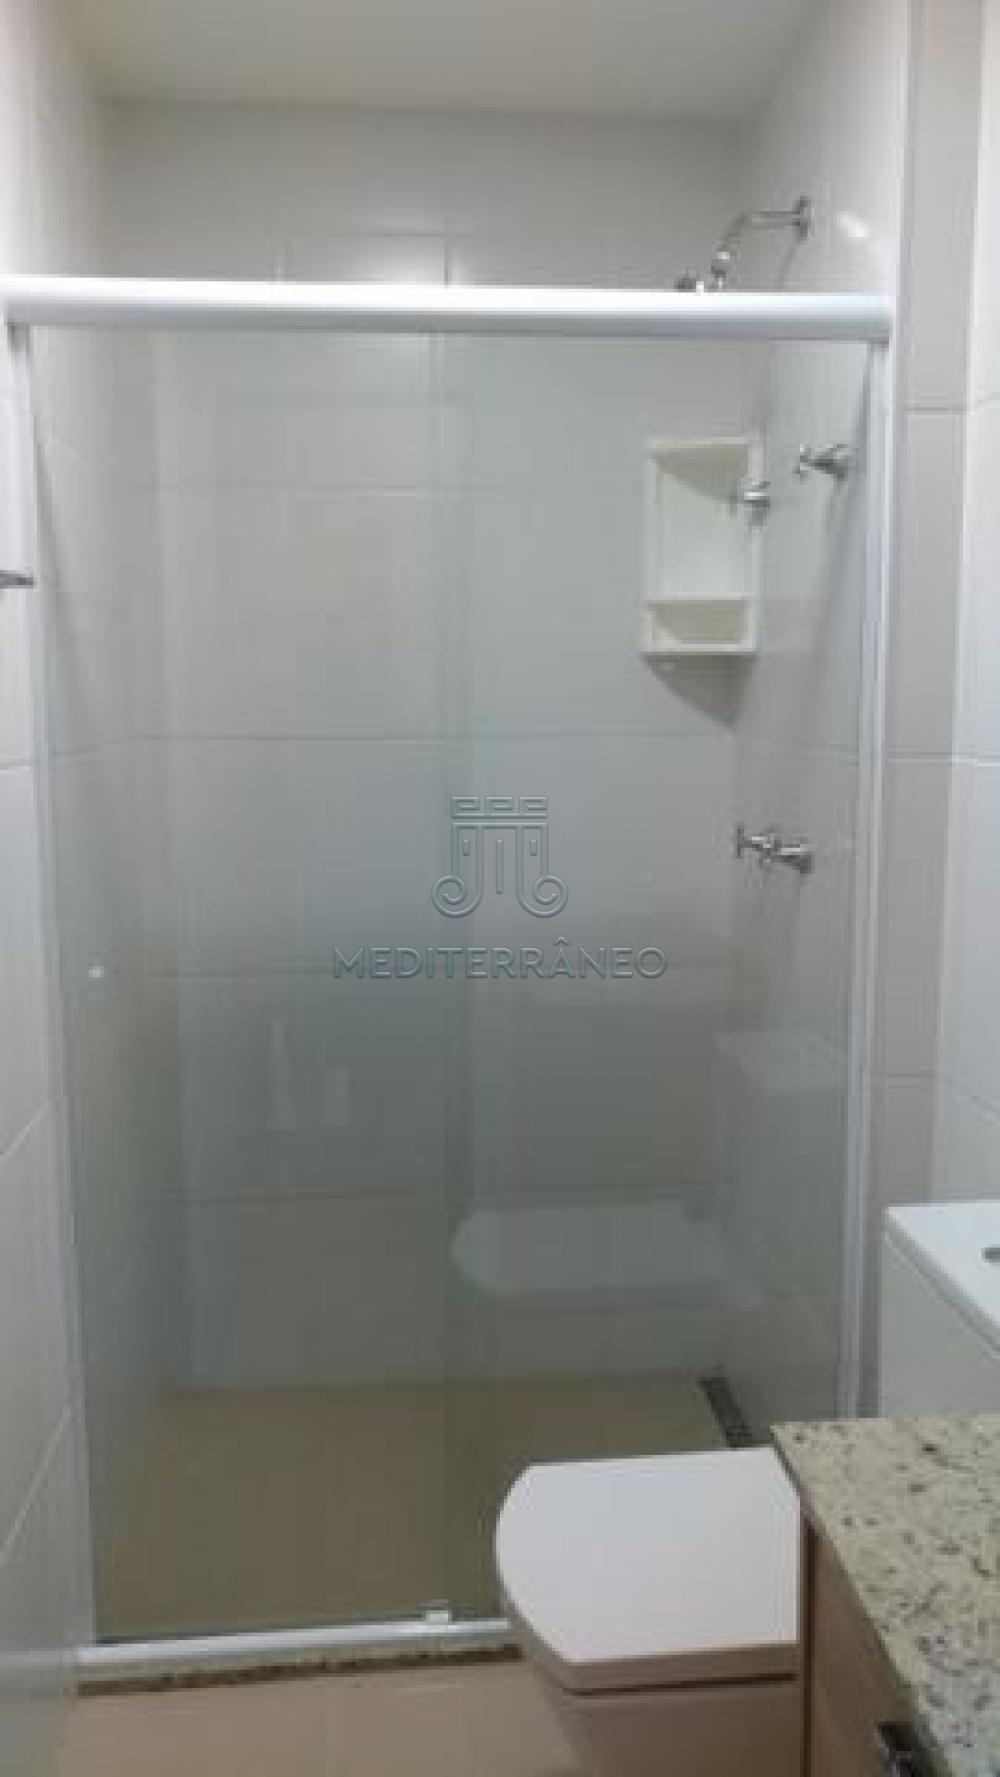 Alugar Apartamento / Padrão em Jundiaí apenas R$ 1.950,00 - Foto 12